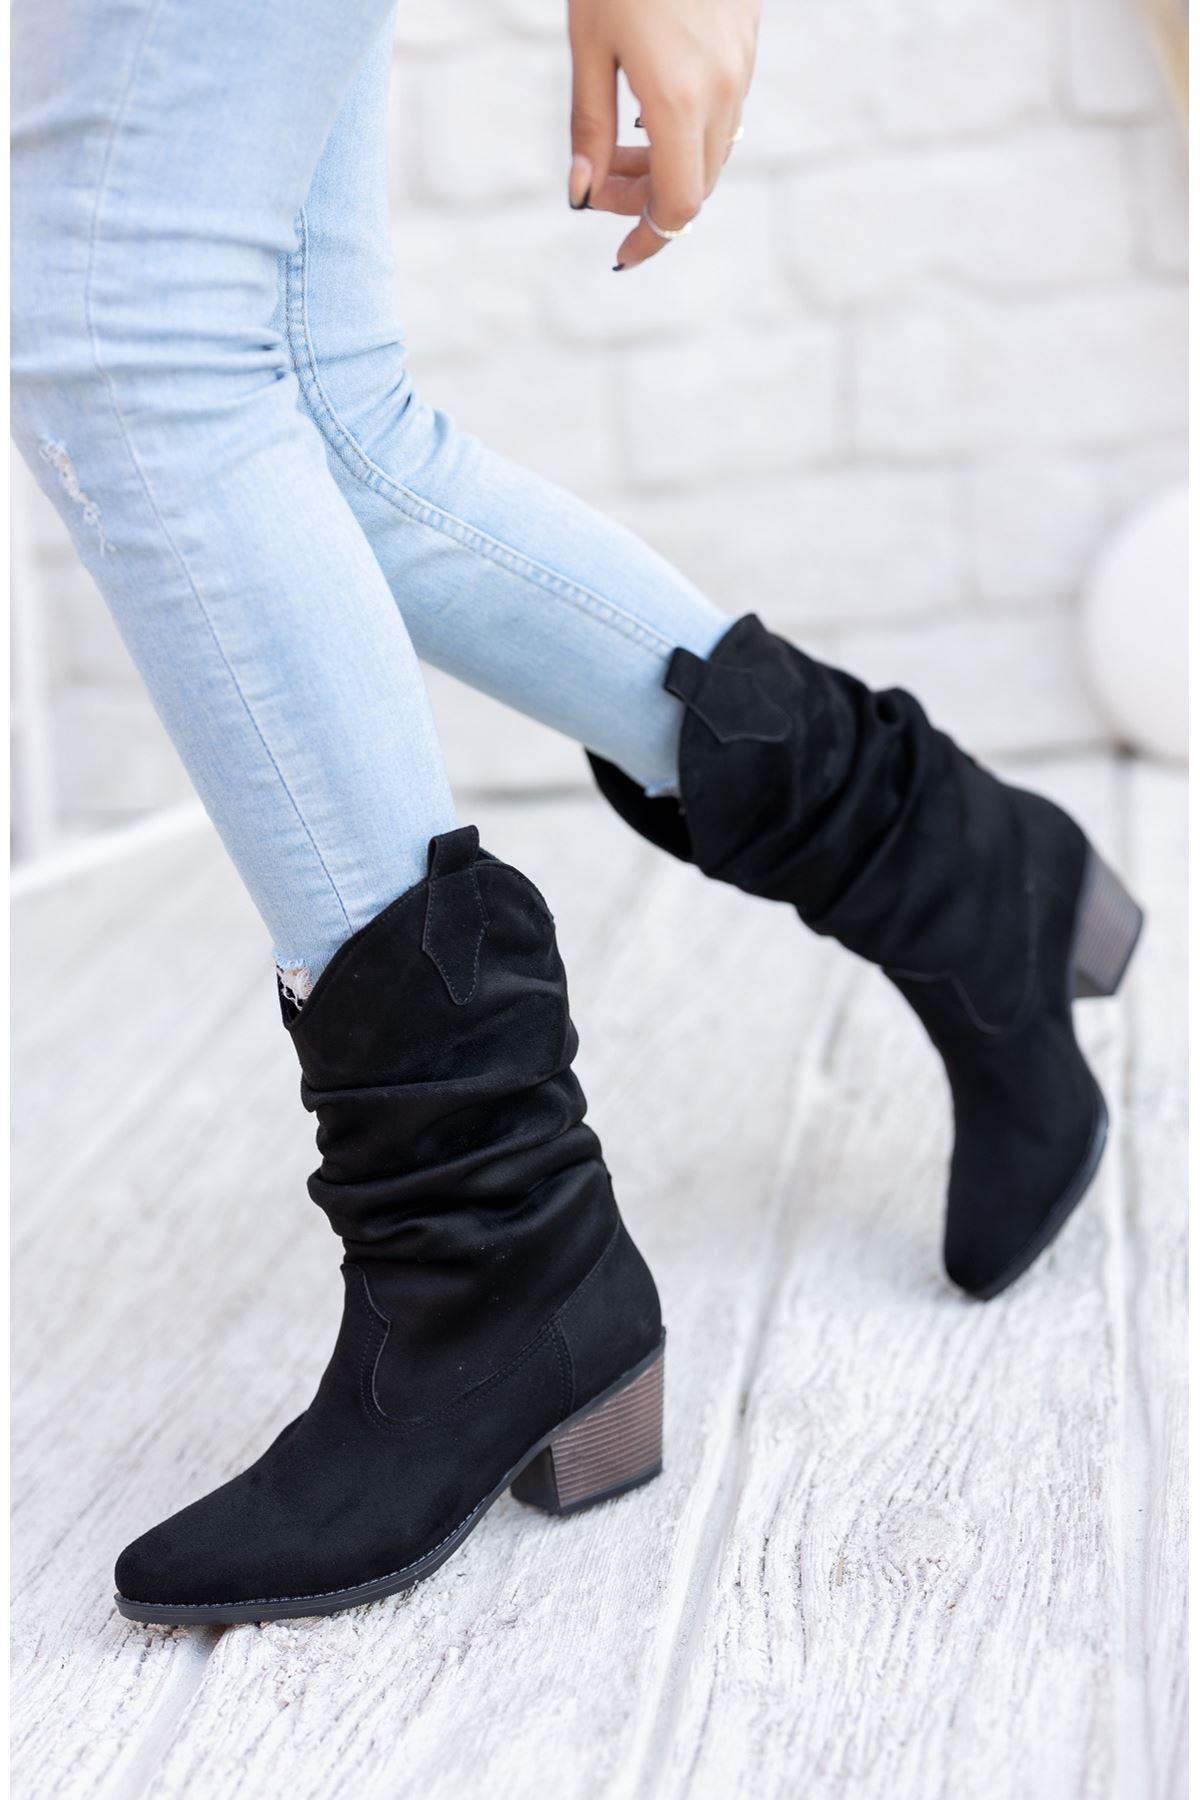 Kadın Hector Körük Detay Kısa Topuk Kovboy Siyah Süet Çizme